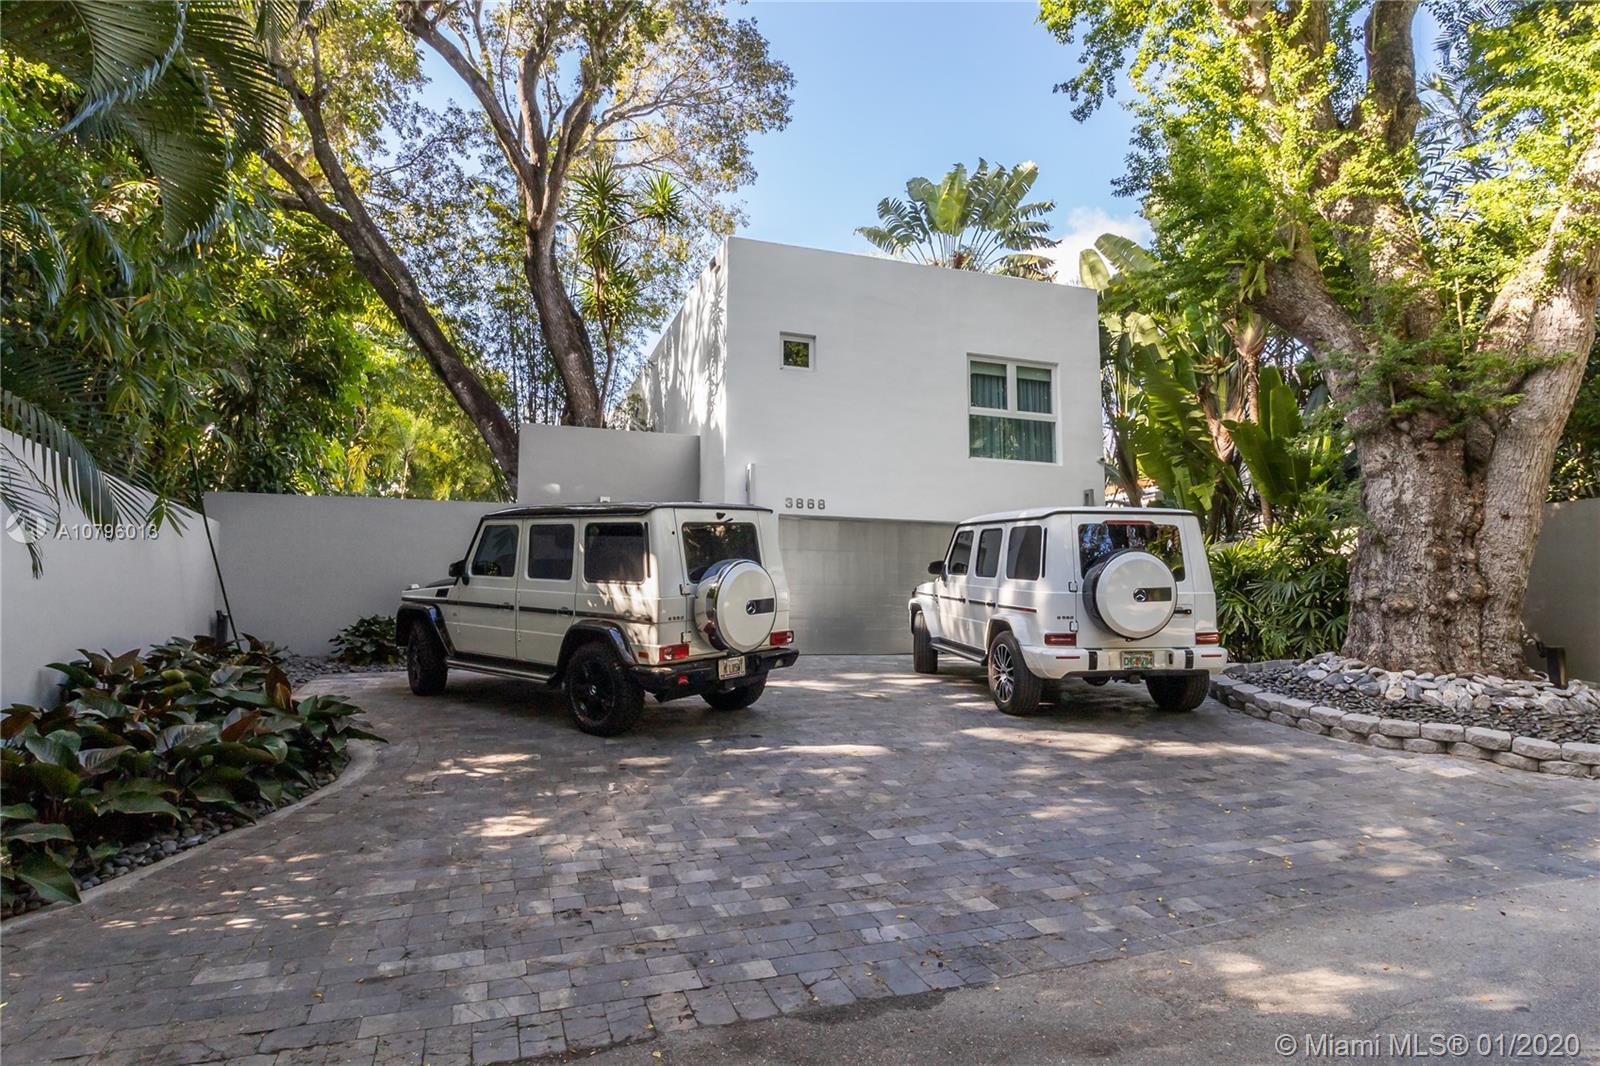 3868 Braganza Ave, Coral Gables, Florida